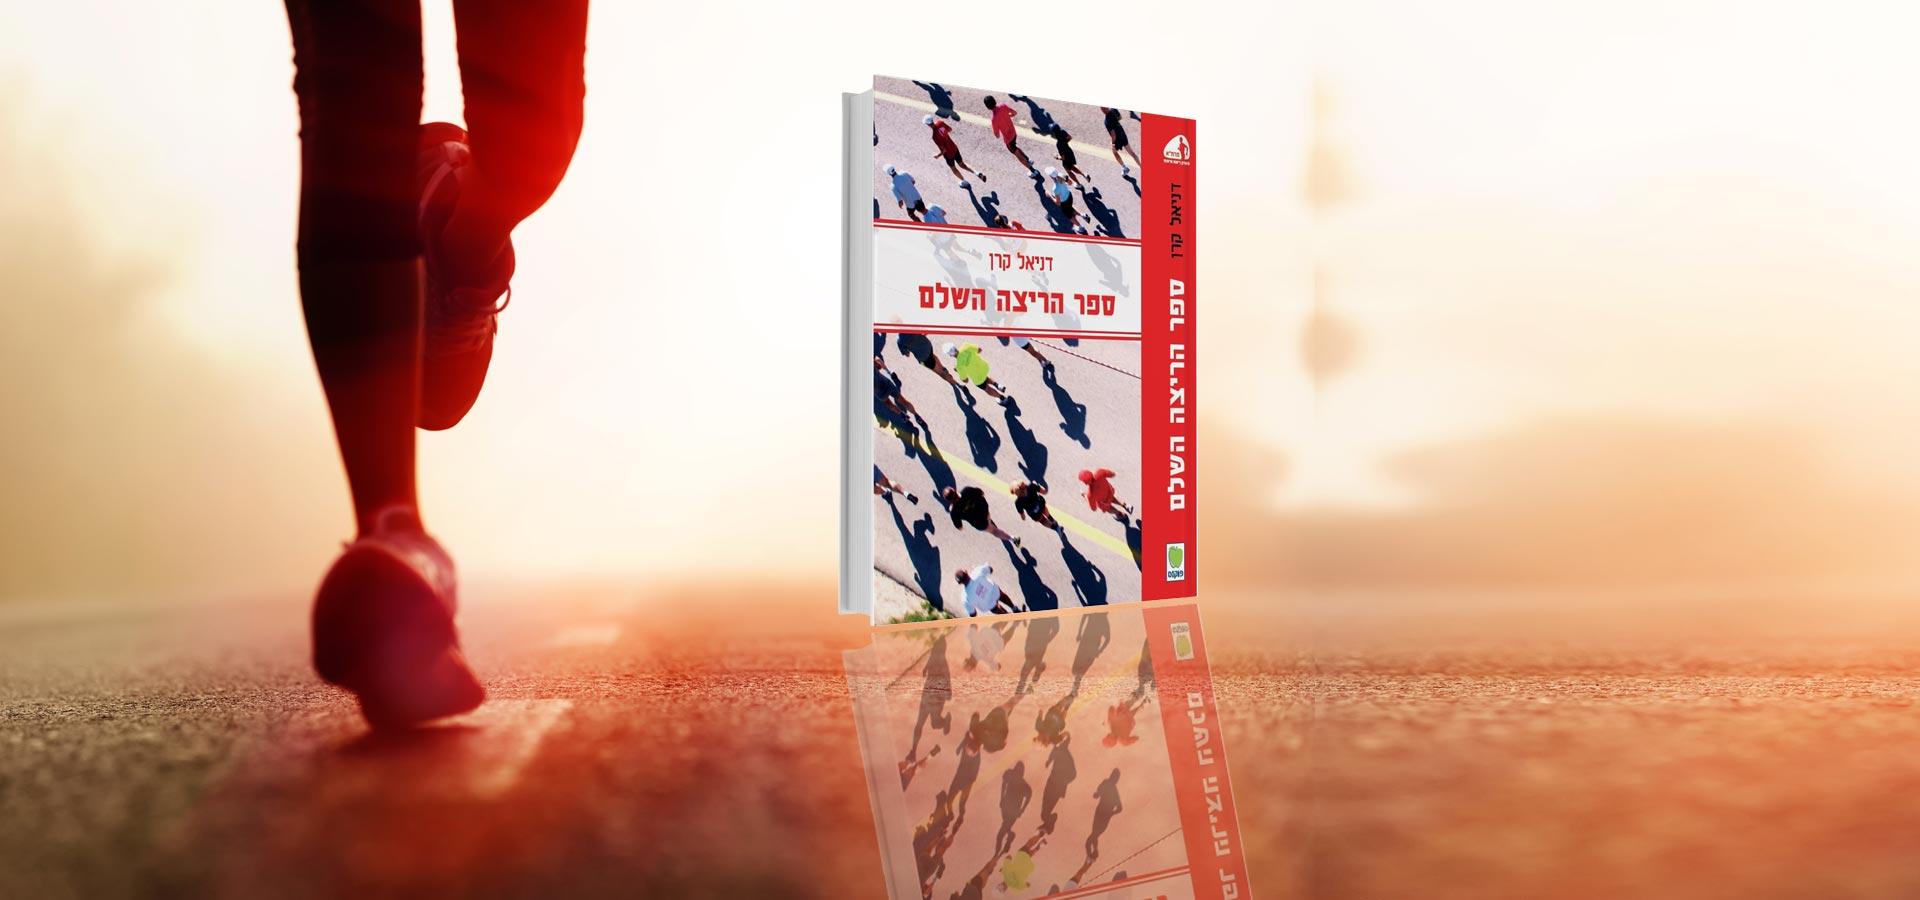 ספר הריצה השלם מאת דניאל קרן